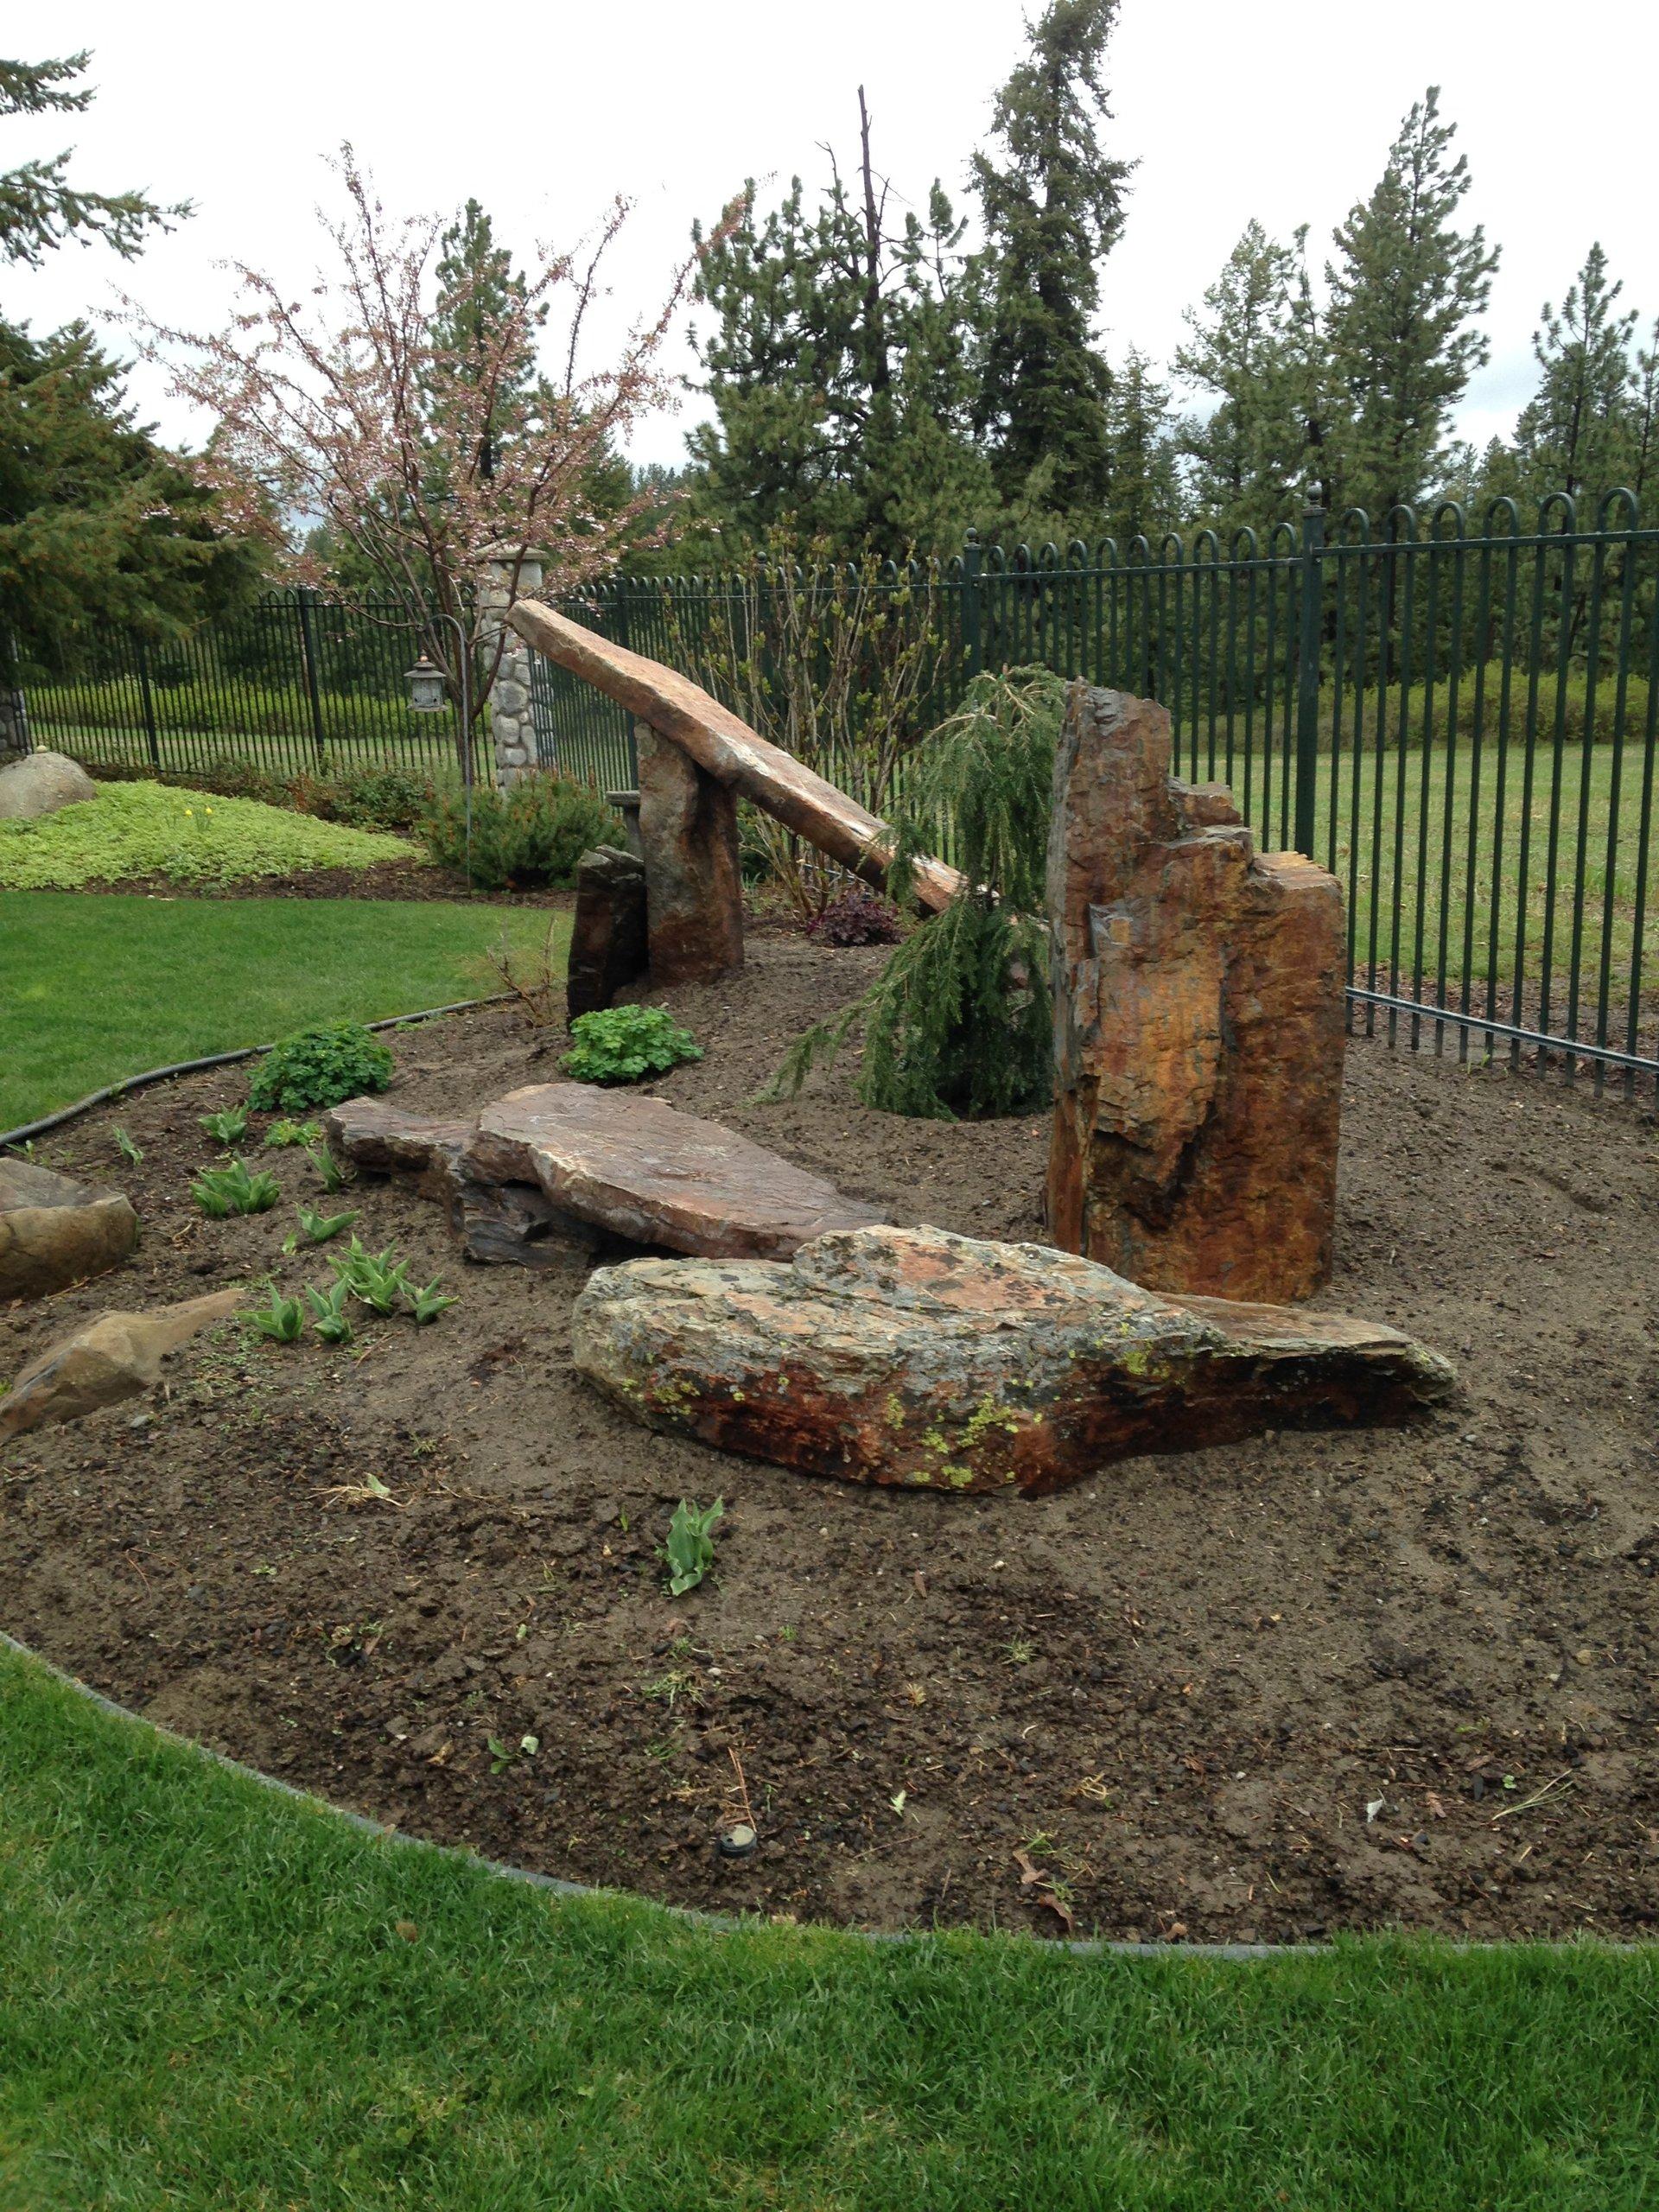 Spokane Landscaping Maintenance Gallery Spokane Valley Wa